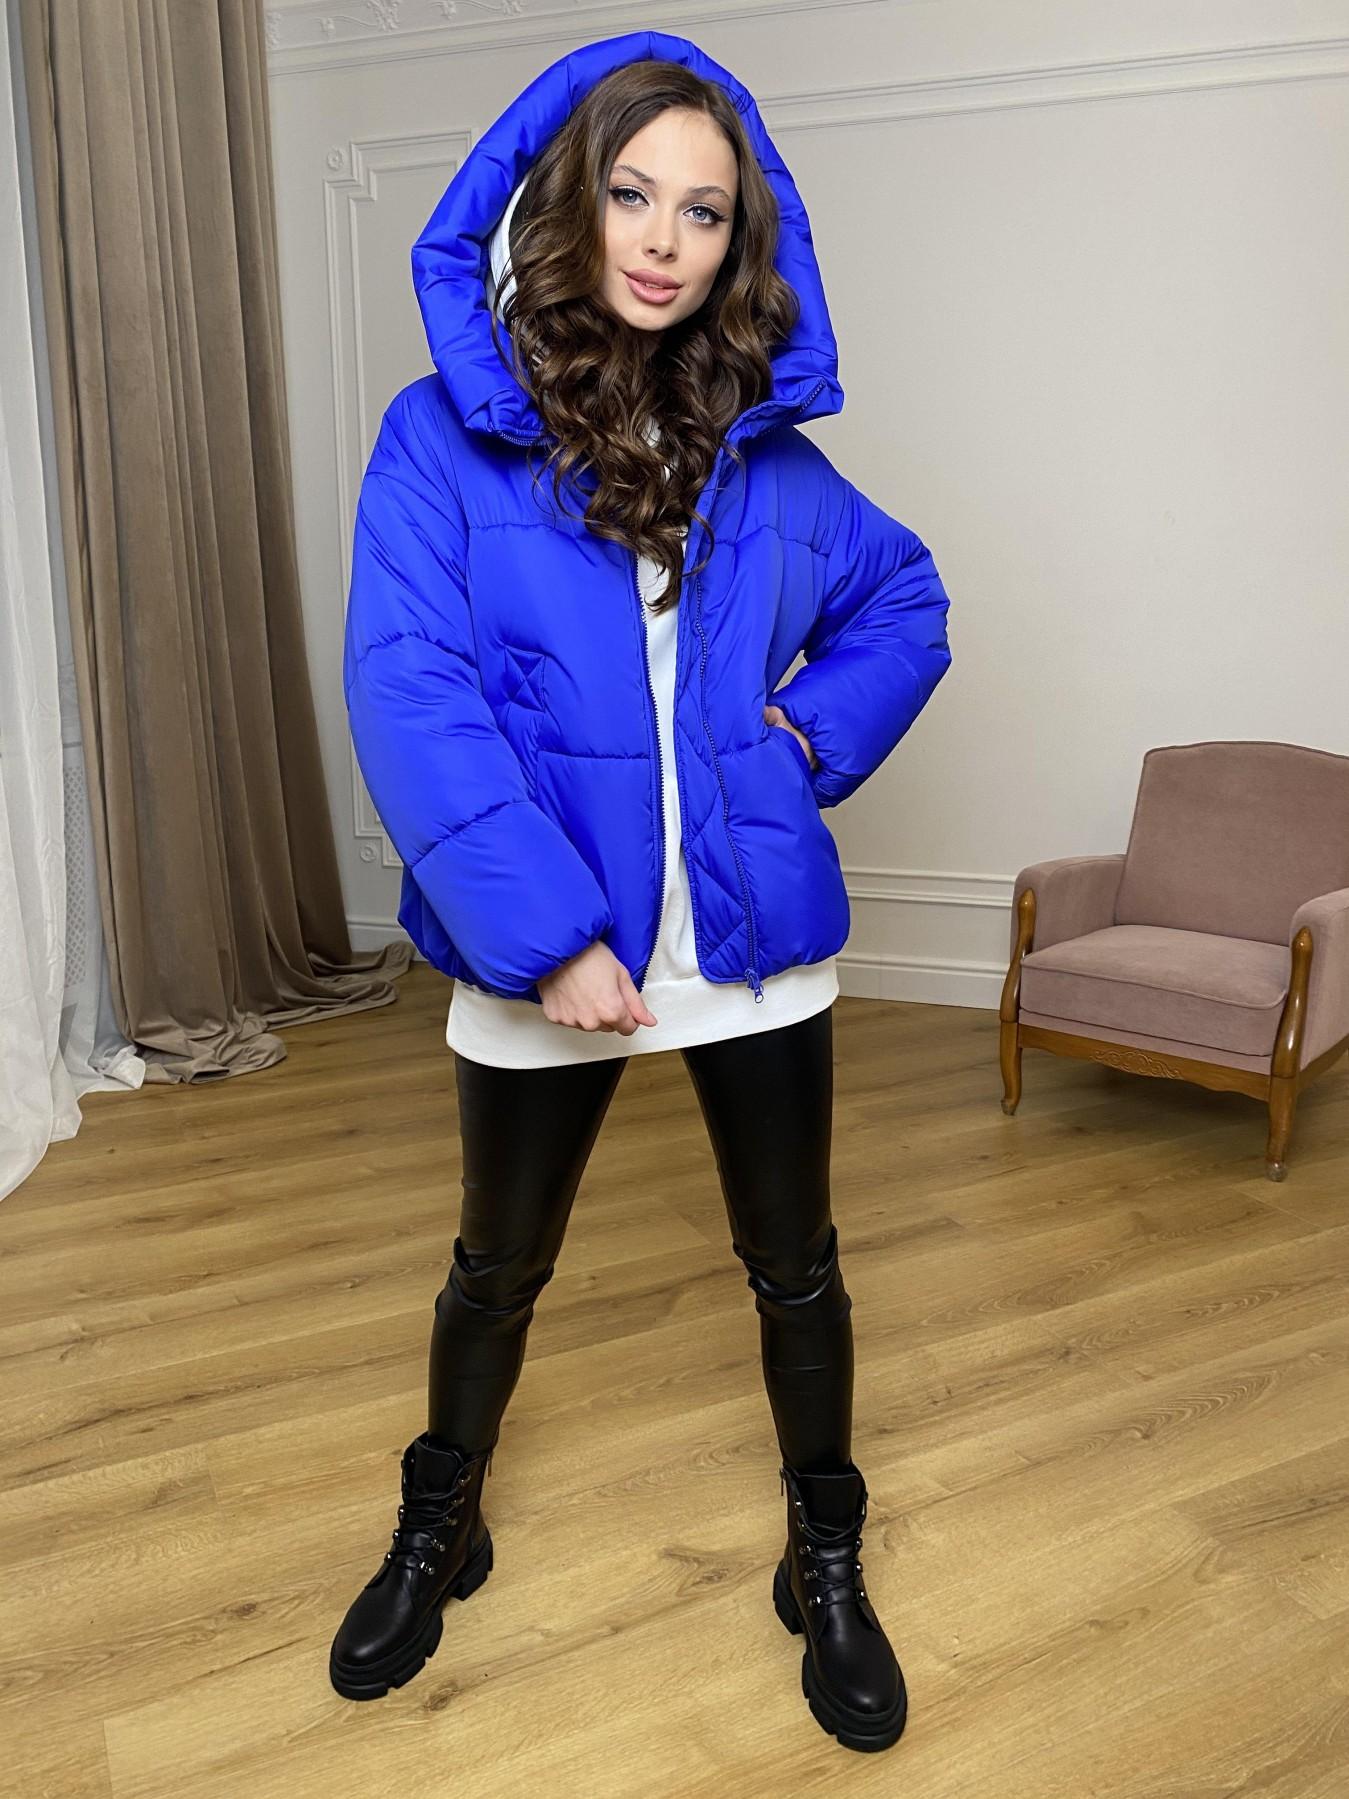 Нокс куртка из плащевой ткани 10535 АРТ. 46881 Цвет: Электрик 1052 - фото 11, интернет магазин tm-modus.ru